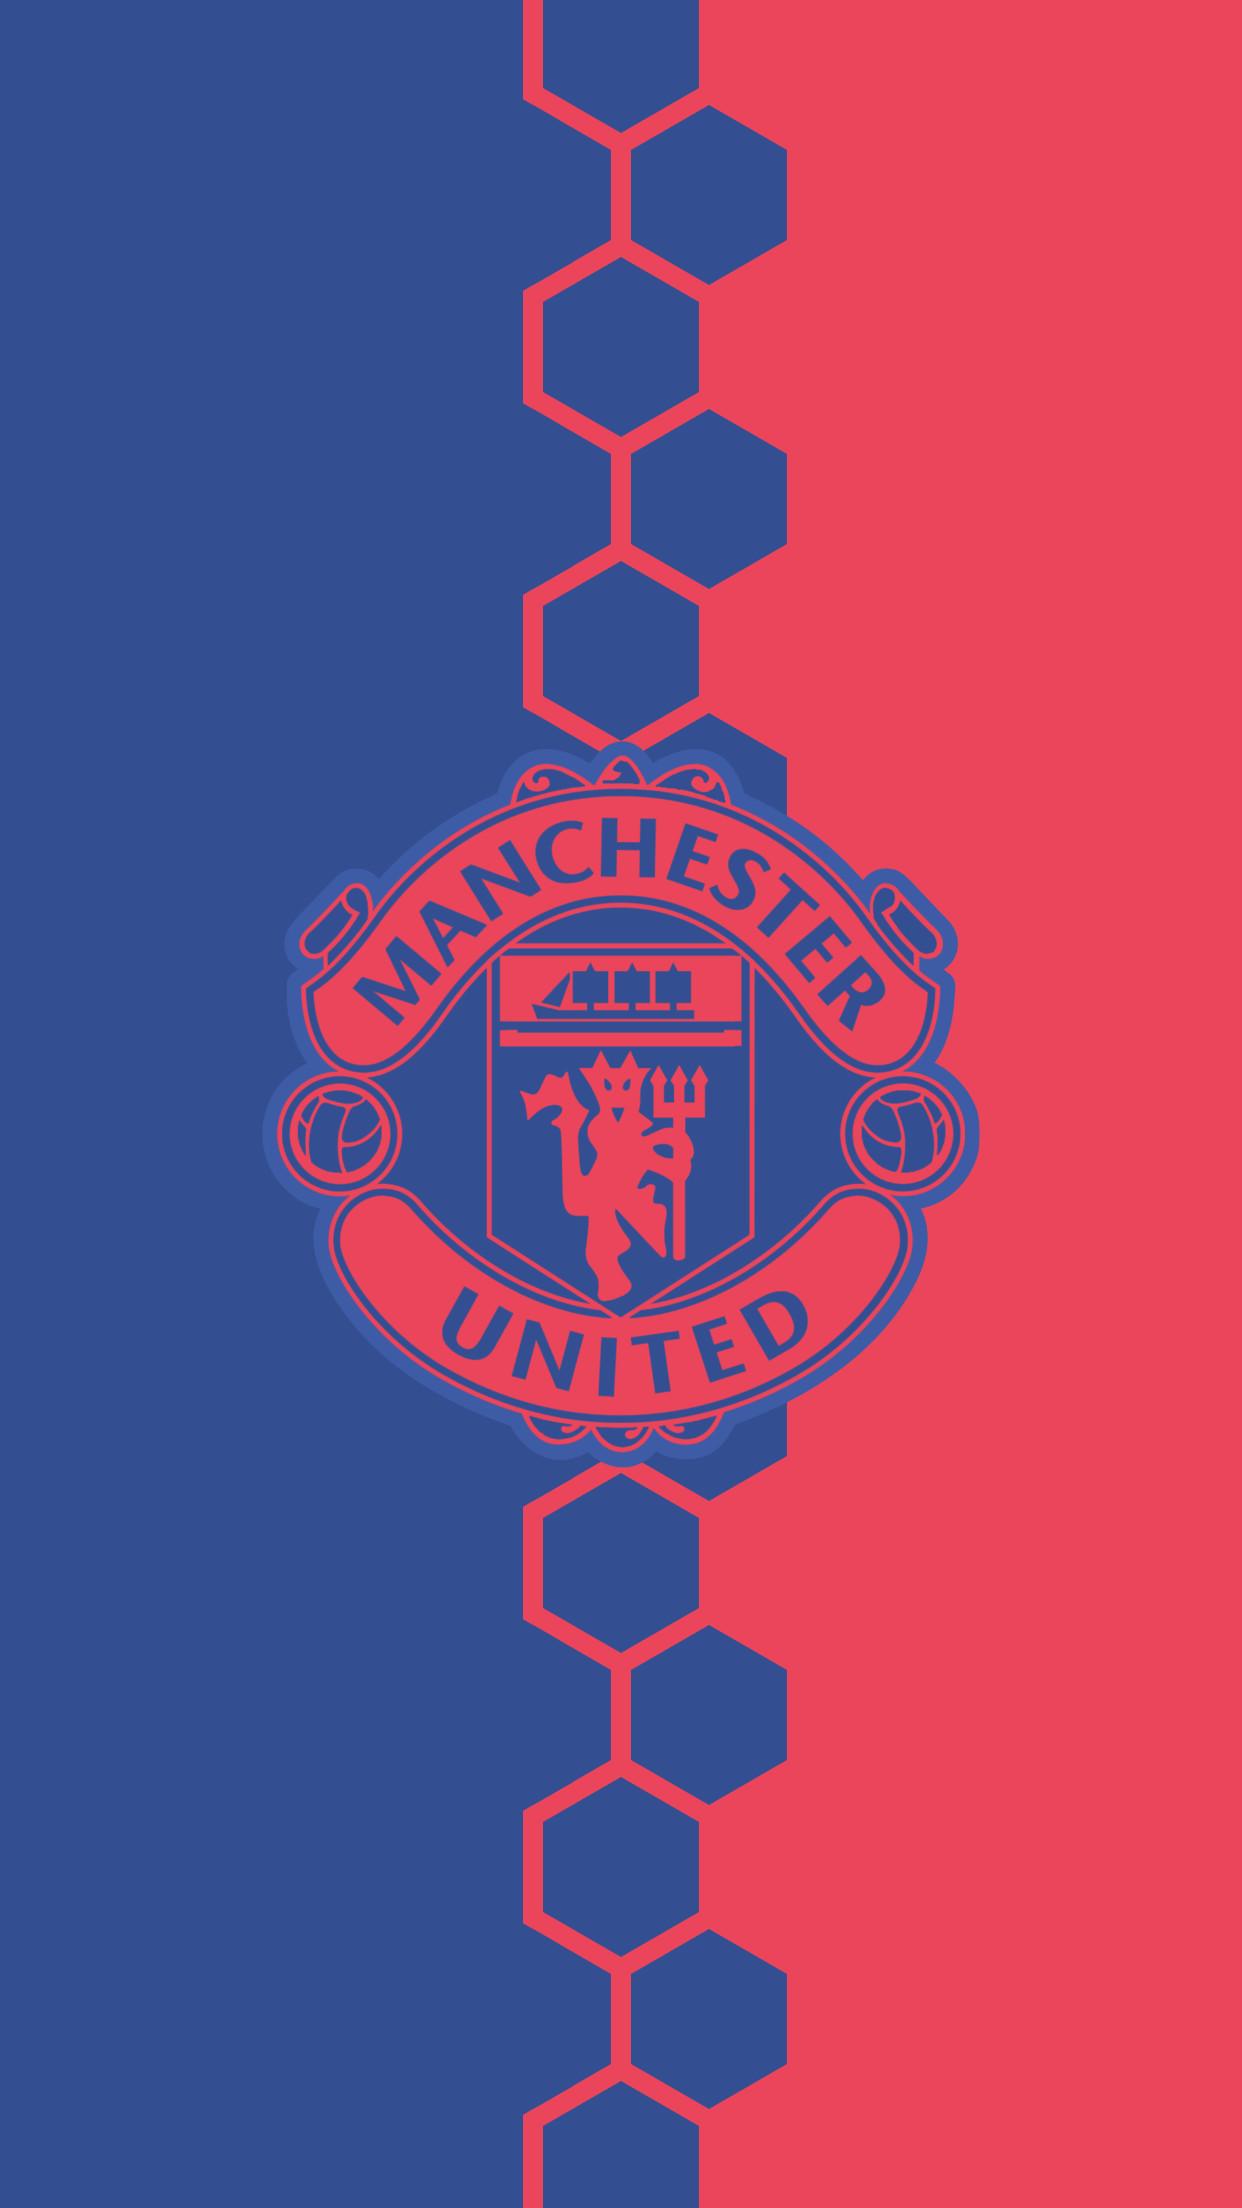 usa soccer logo 2018 wallpaper  72  images